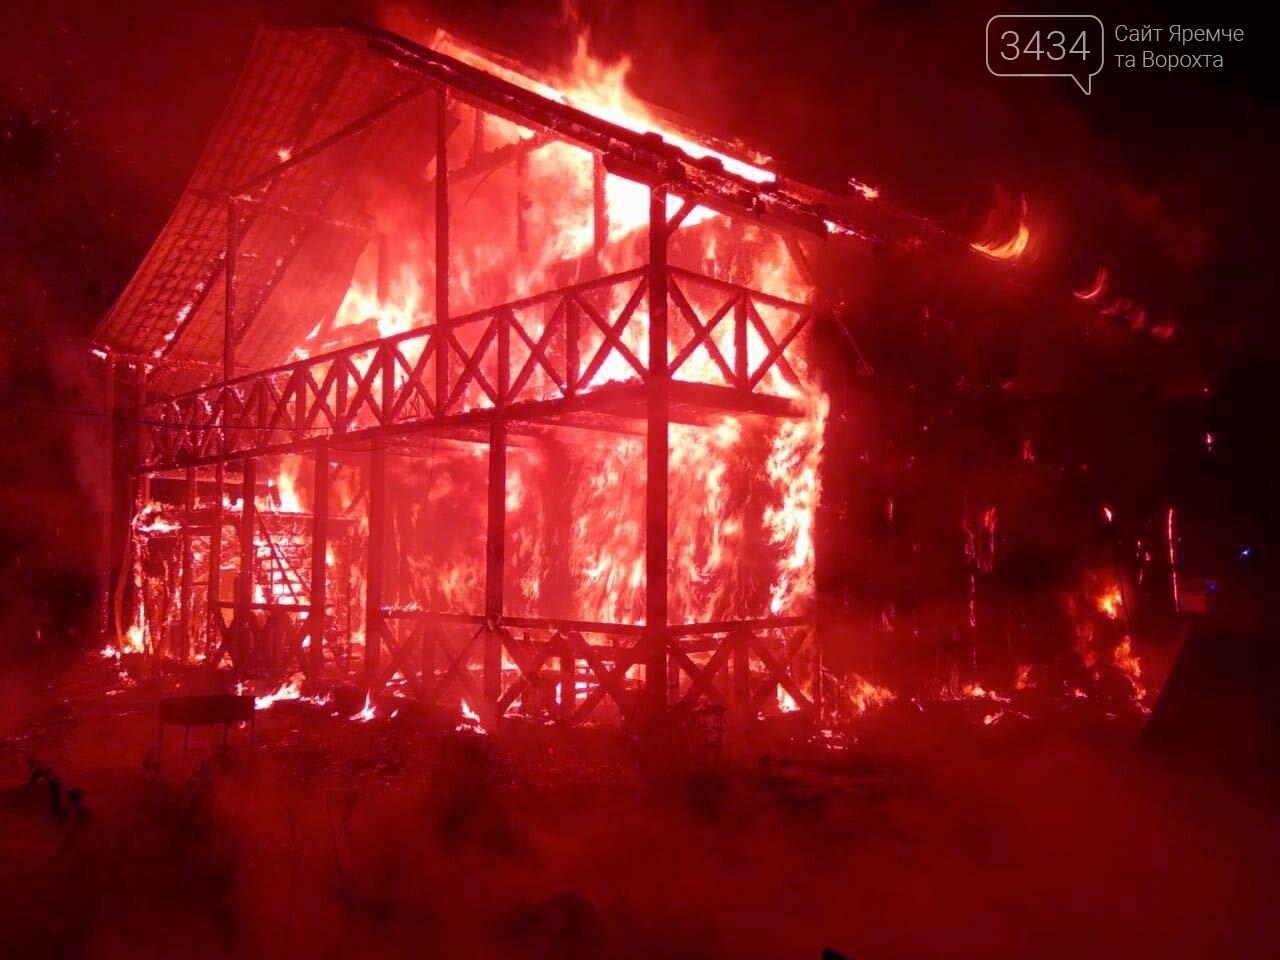 Пожежа у Ворохті 1 грудня, Сайт Яремче та Ворохти